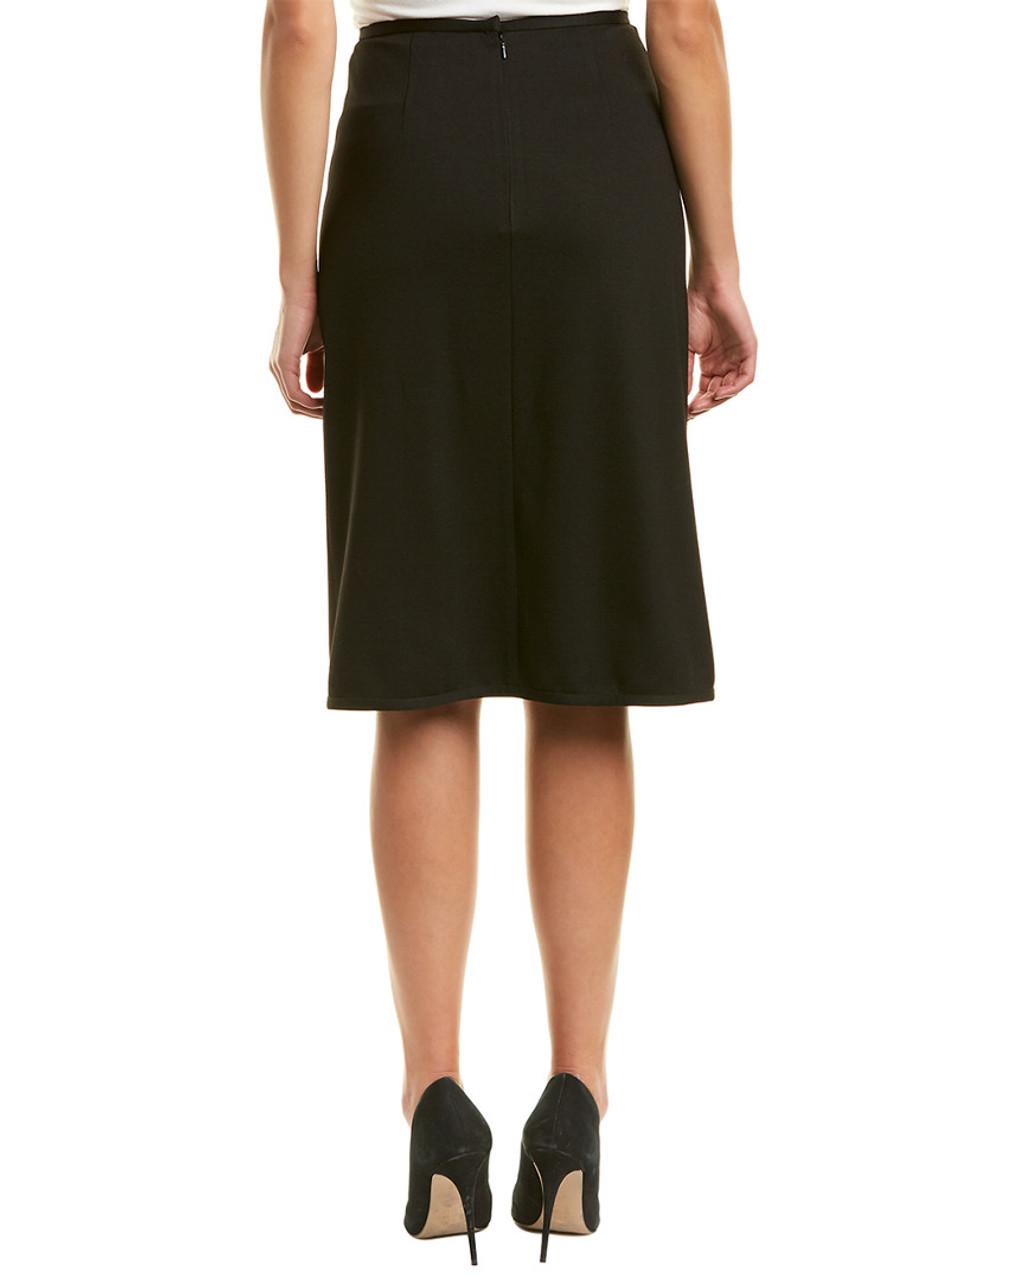 7b774041cd TOWOWGE Skirt~1411737717 - Bon-Ton